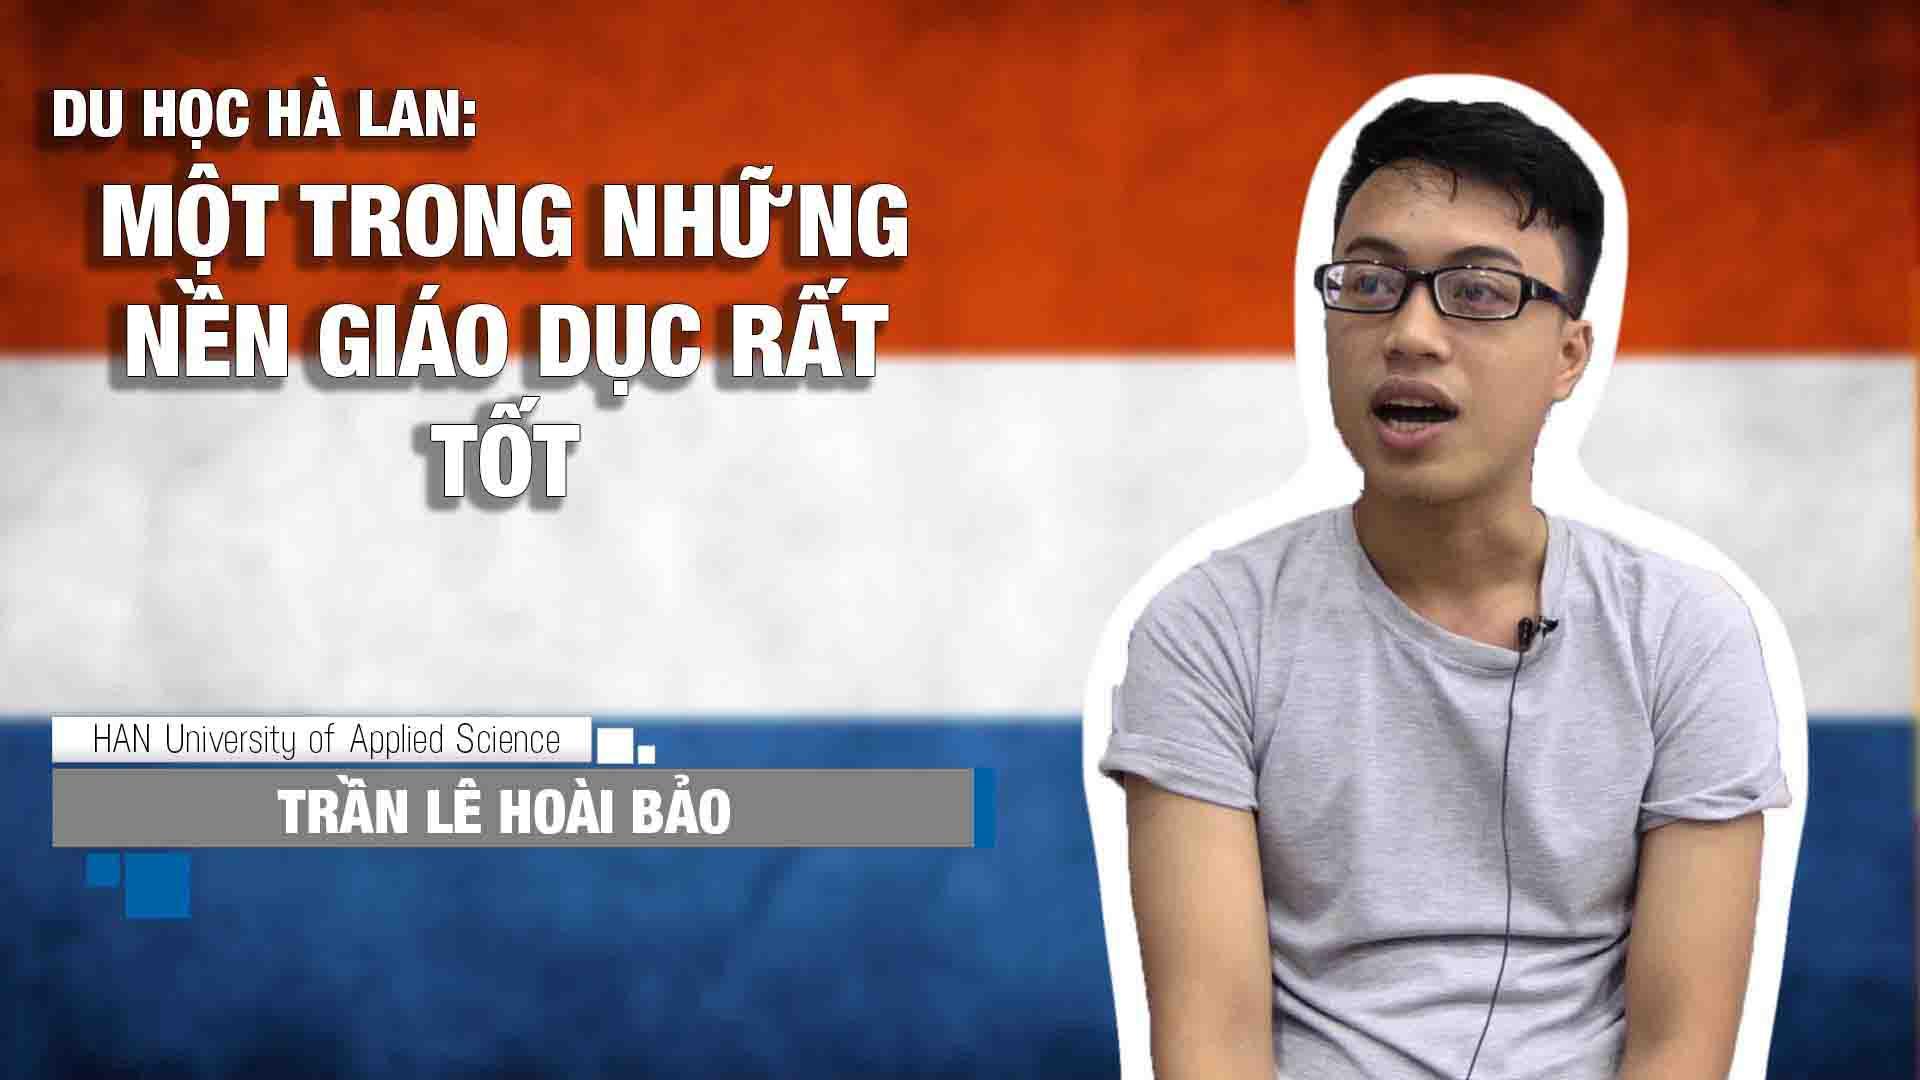 Chia sẻ từ em Trần Lê Hoài Bảo, sinh viên ngành Cử nhân Kinh doanh Quốc tế tại Đại học Khoa học Ứng dụng (KHUD) HAN của Hà Lan. Sau một năm học tập tại Xứ sở hoa tulip, Hoài Bảo đã có được những sự trải nhiệm mới và hài lòng với quyết định của bản thân.